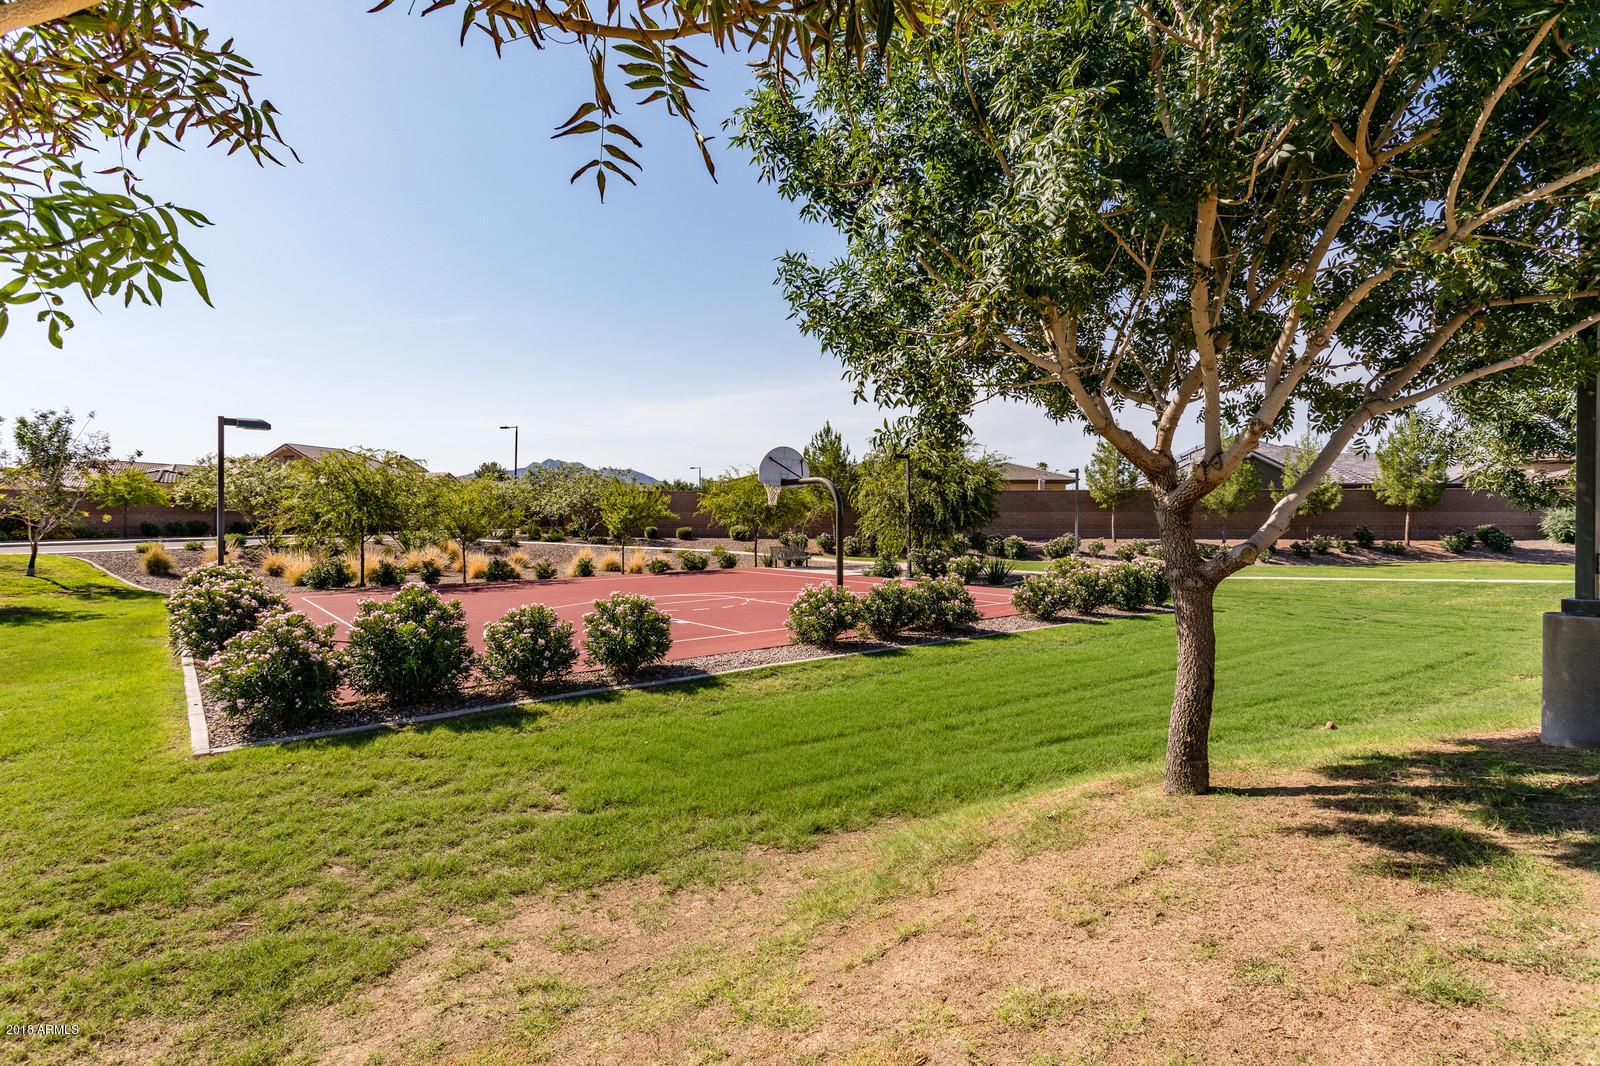 MLS 5755594 2051 E CRESCENT Way, Gilbert, AZ 85298 Gilbert AZ Mountain View